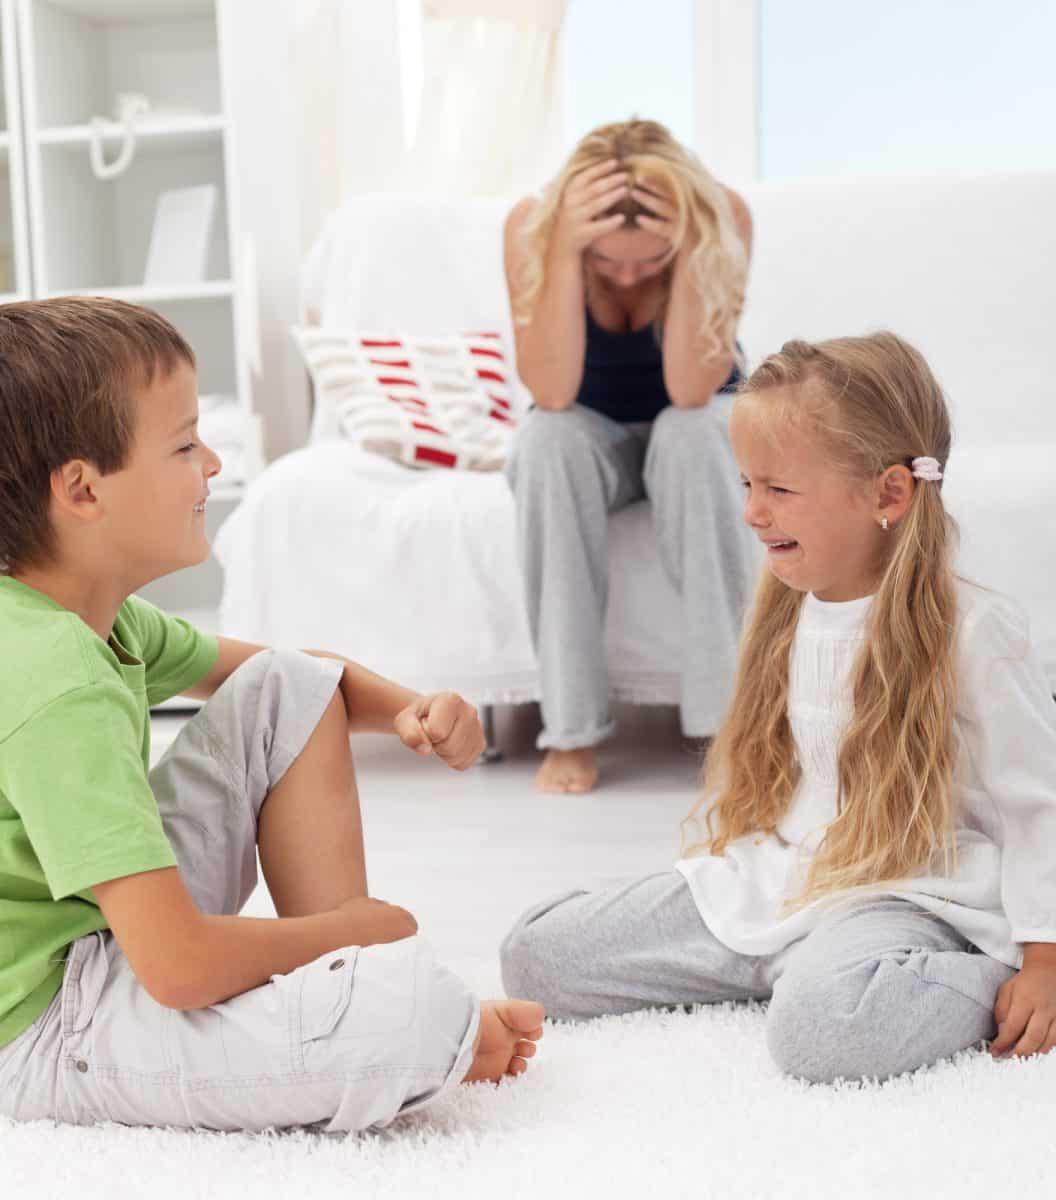 Wychowanie bezstresowe - rozwiązanie czy pułapka?